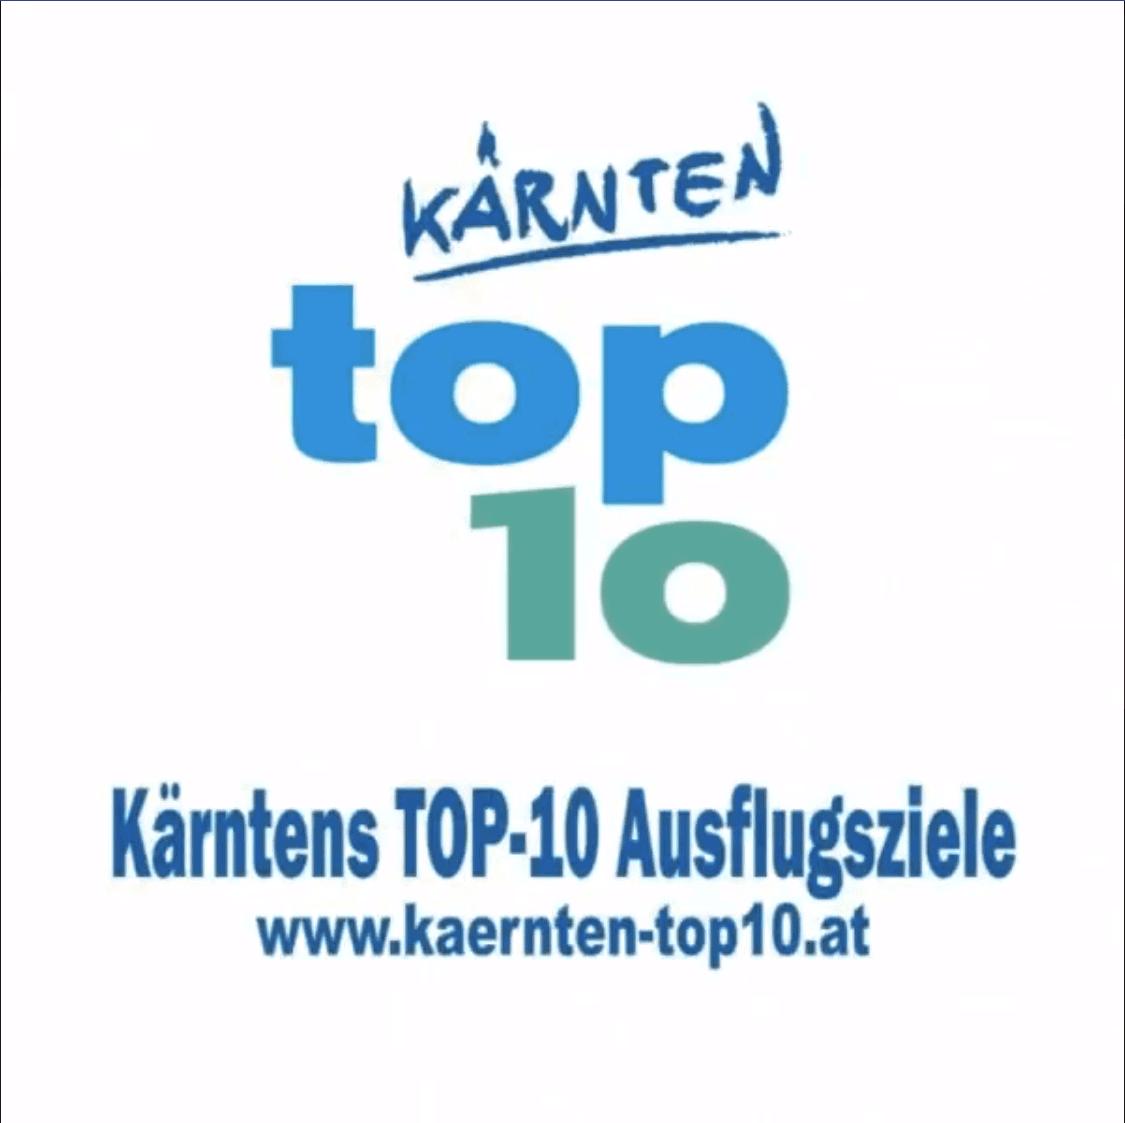 Kärntens TOP Ausflugsziele im Nationalpark Hohe Tauern. Sehenswürdigkeiten & Urlaub in Österreich.